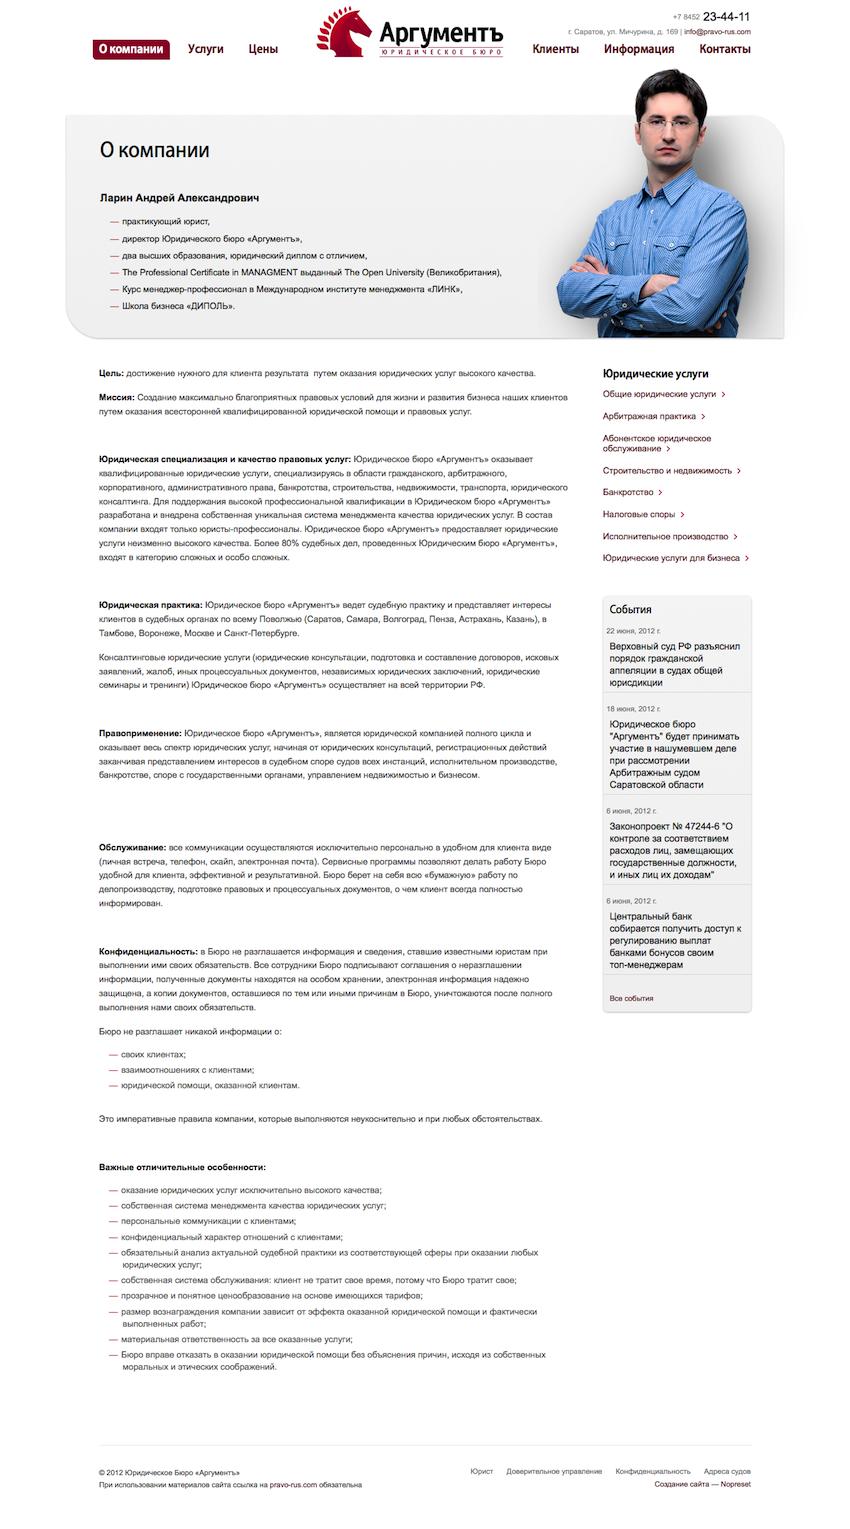 О компании — юридическое бюро «Аргументъ» в Саратове